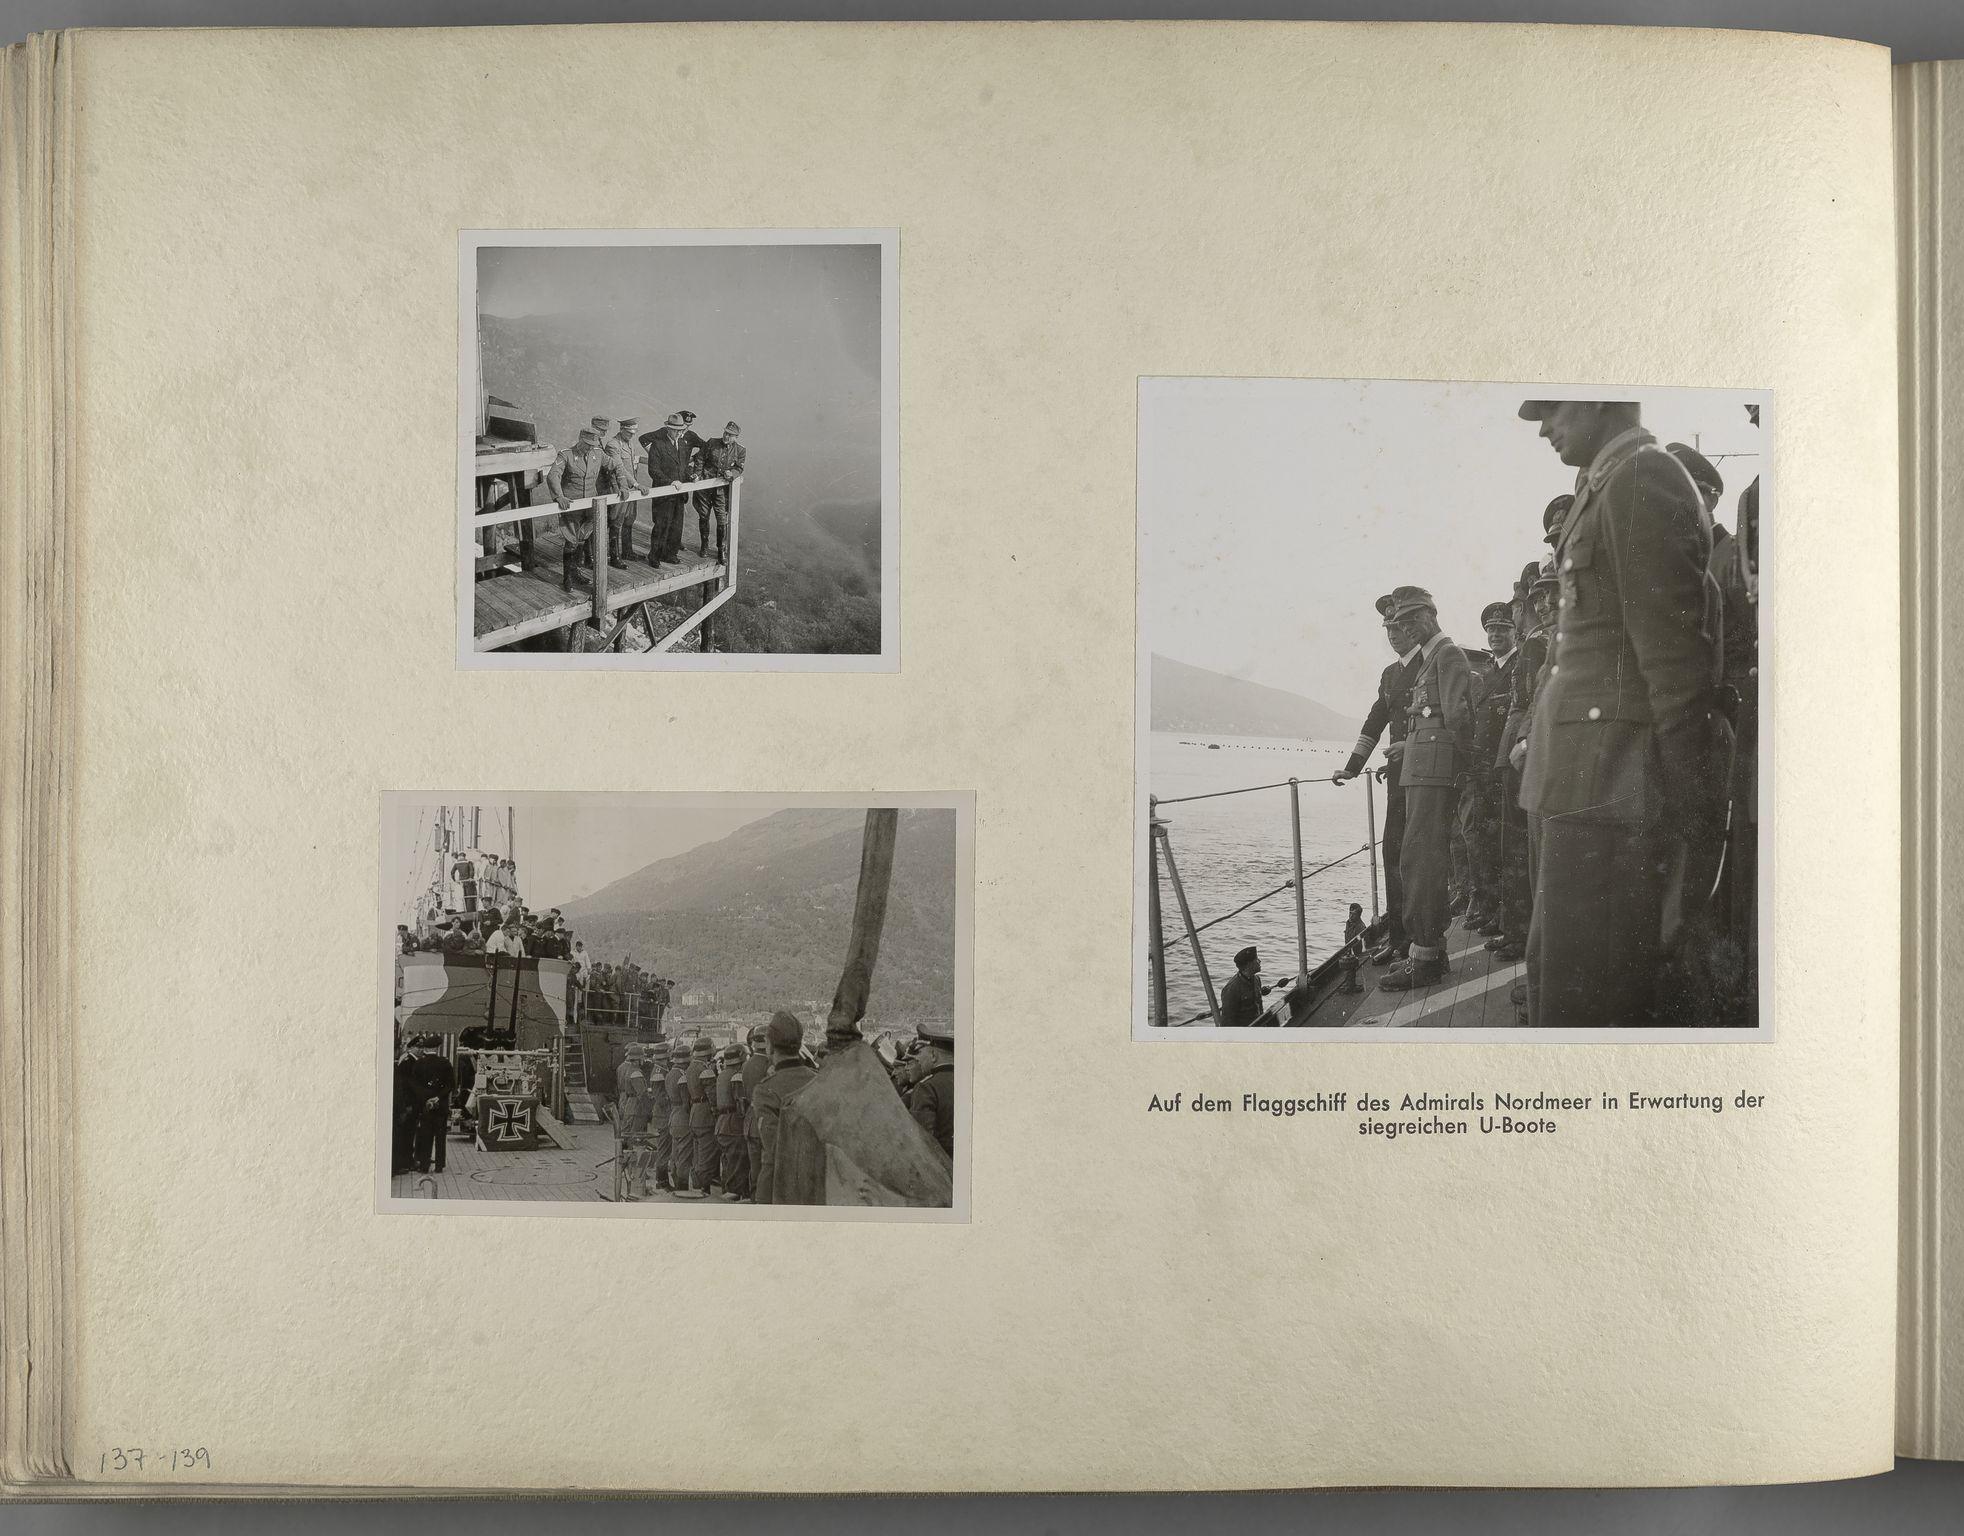 RA, Tyske arkiver, Reichskommissariat, Bildarchiv, U/L0071: Fotoalbum: Mit dem Reichskommissar nach Nordnorwegen und Finnland 10. bis 27. Juli 1942, 1942, s. 54